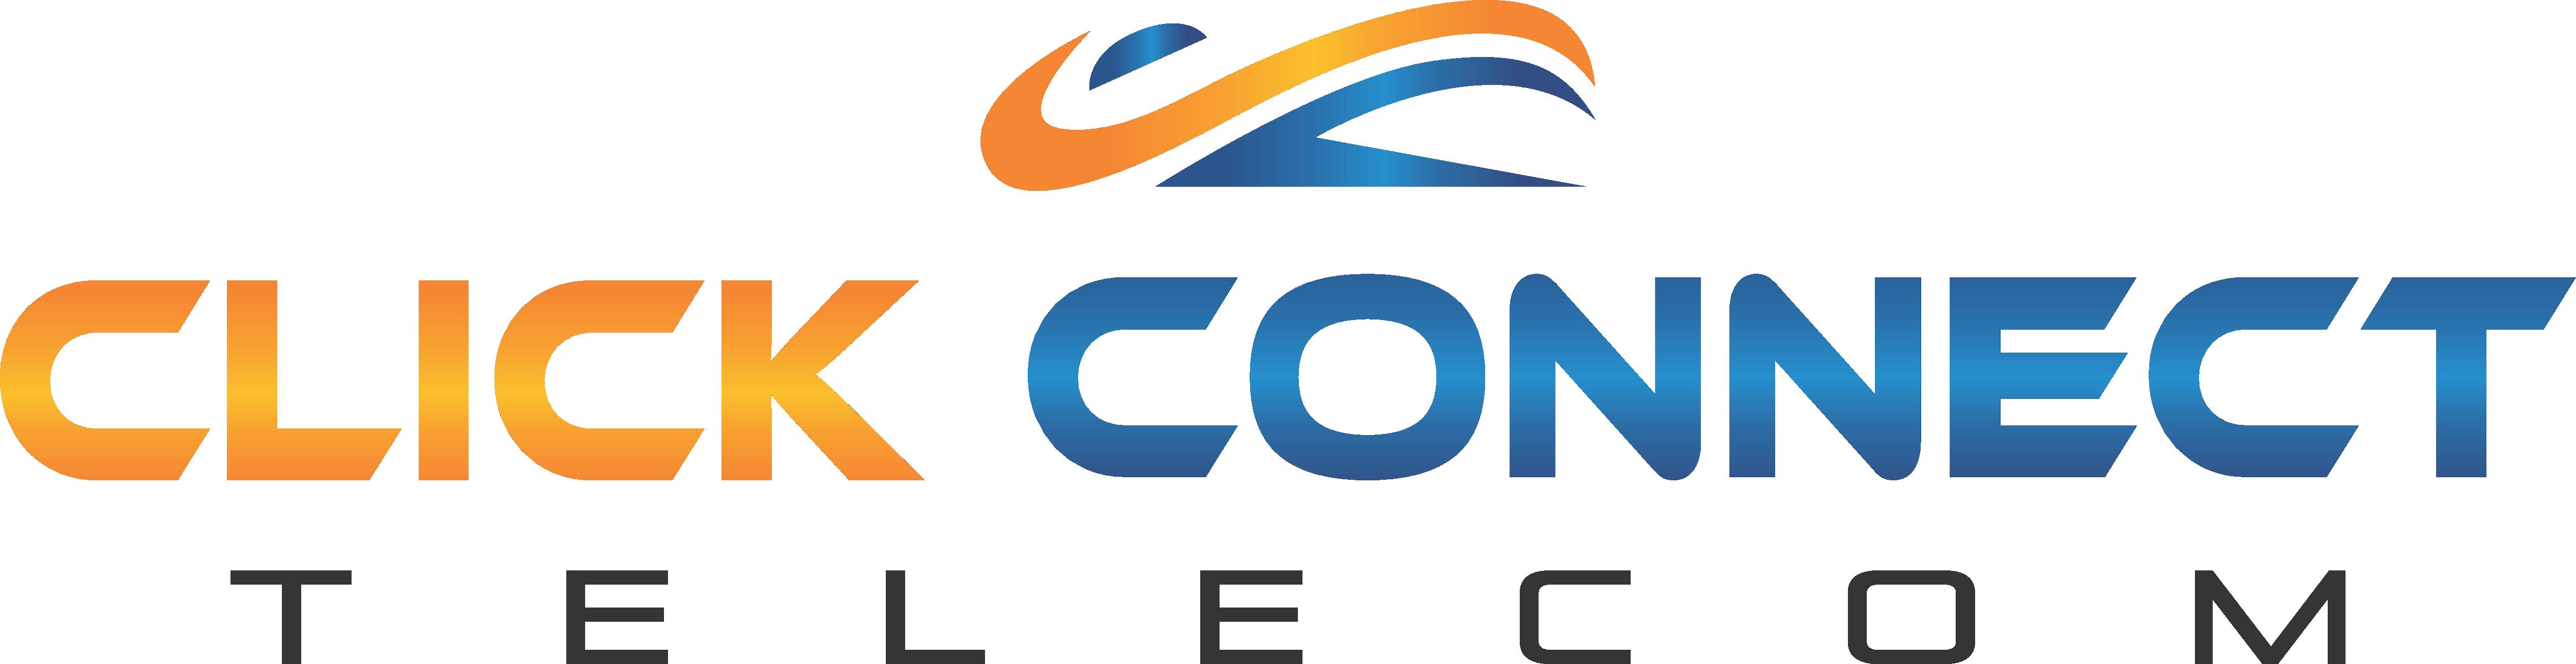 Click Connect Telecom